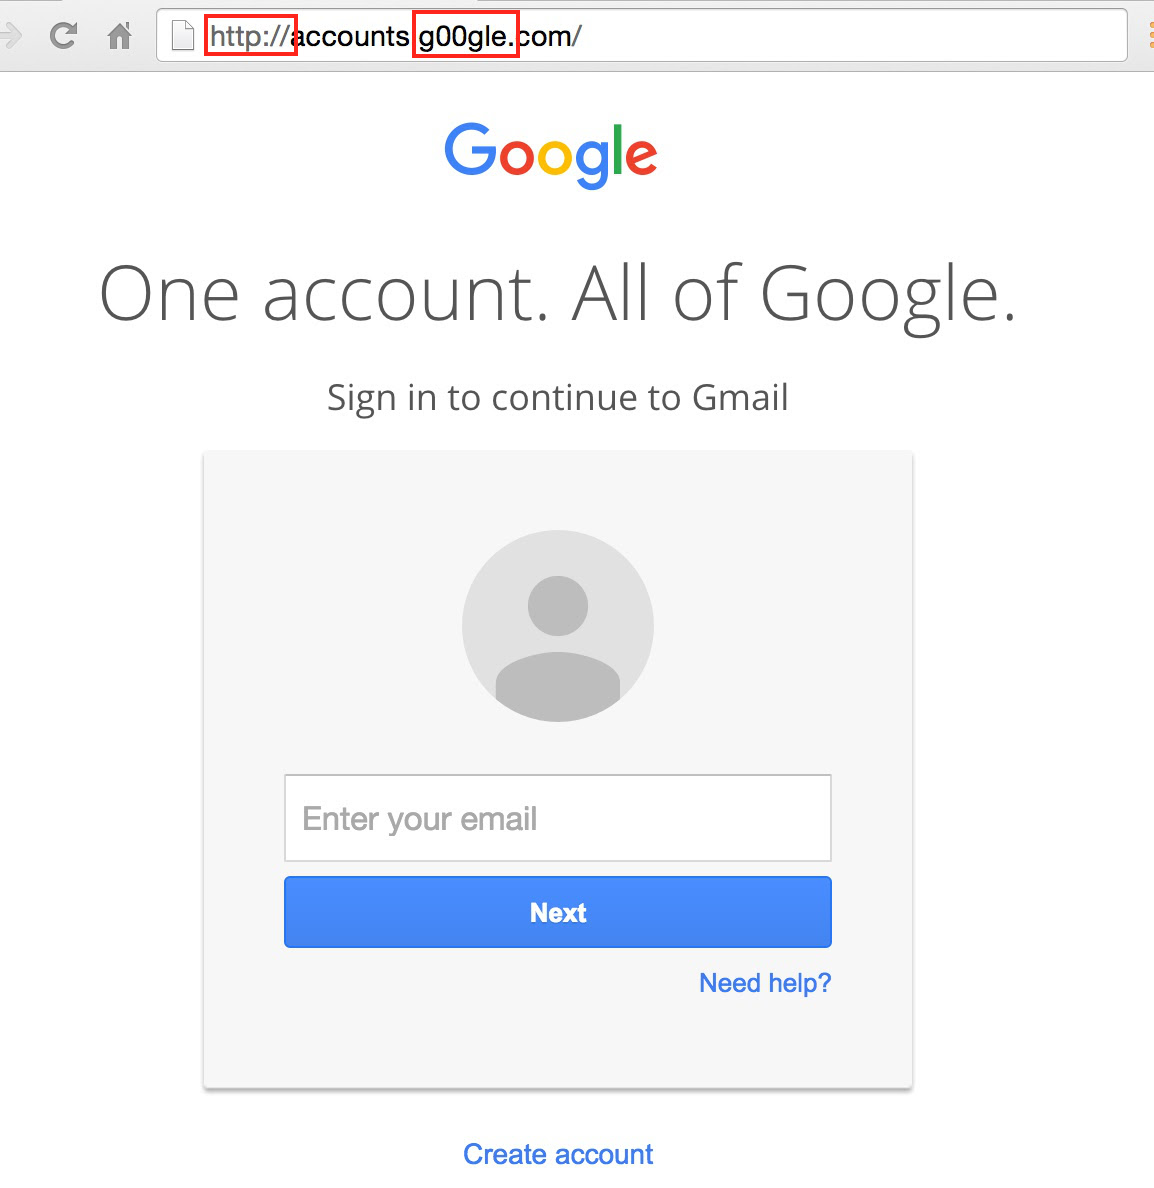 Podvržené rozhraní služeb Googlu vyzývá k zadání citlivých informací - ovšem podvrh znalému oku neujde